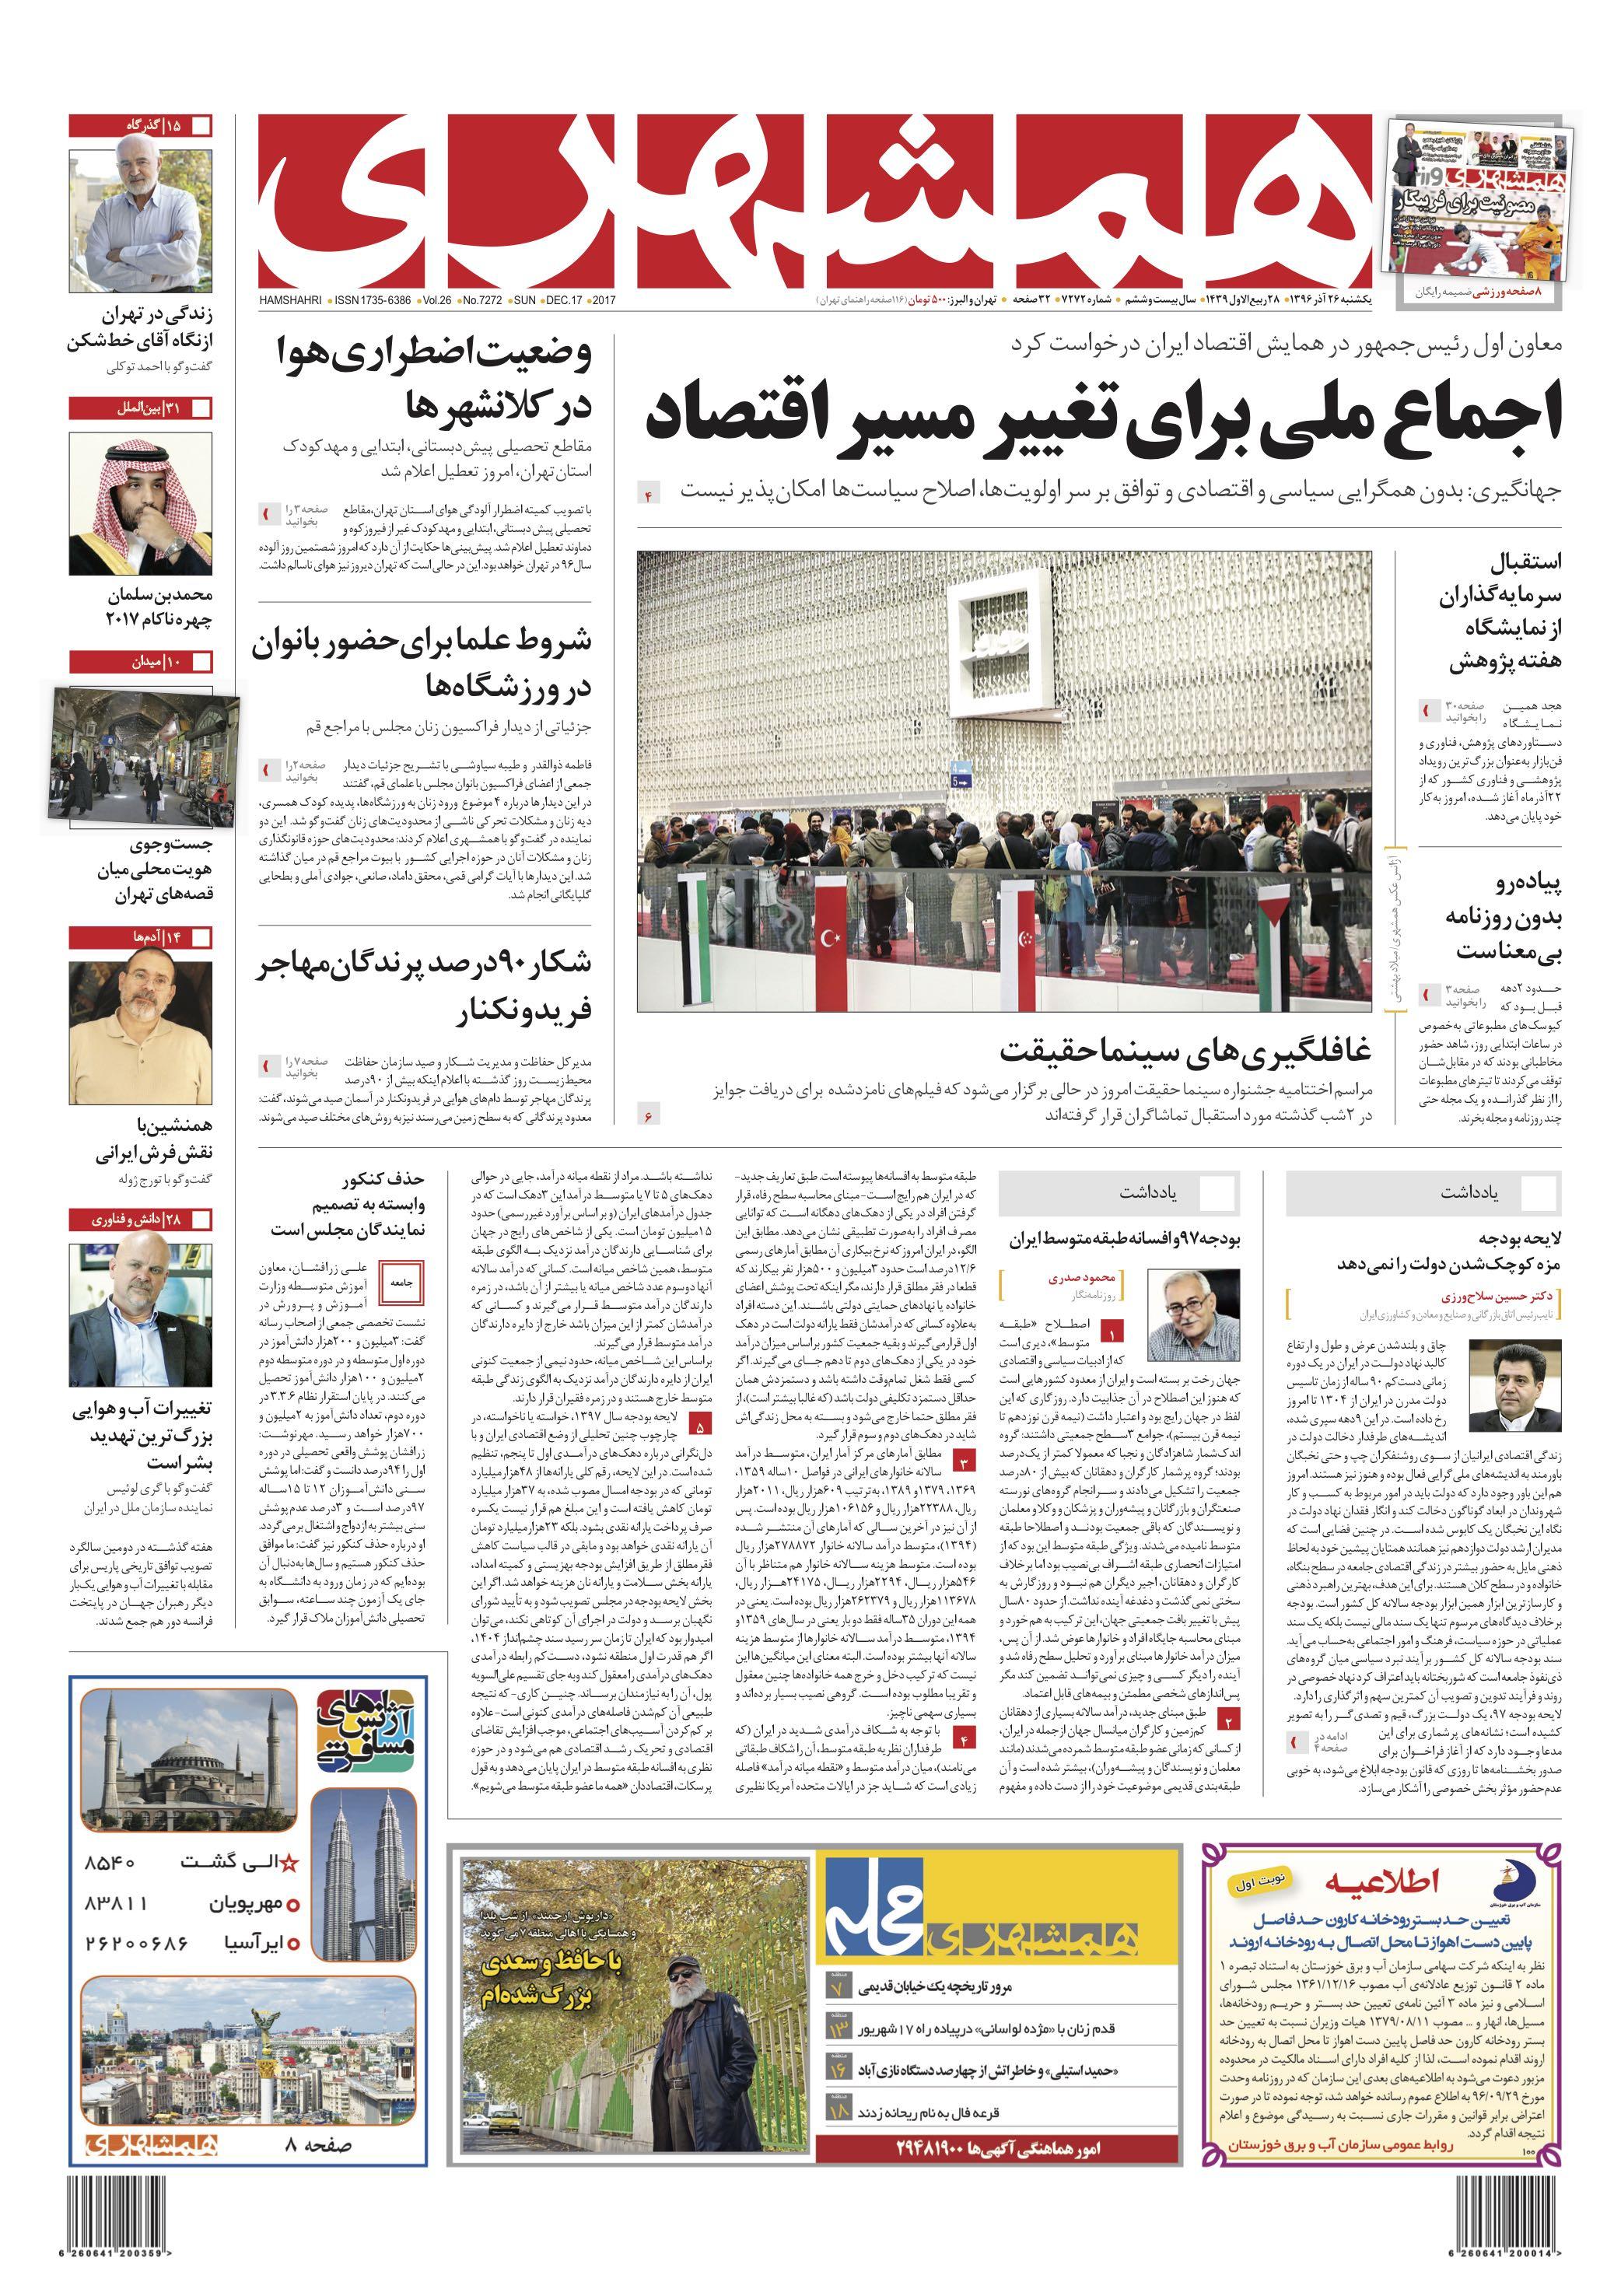 صفحه اول همشهری یکشنبه ۲۶ آذر ۱۳۹۶